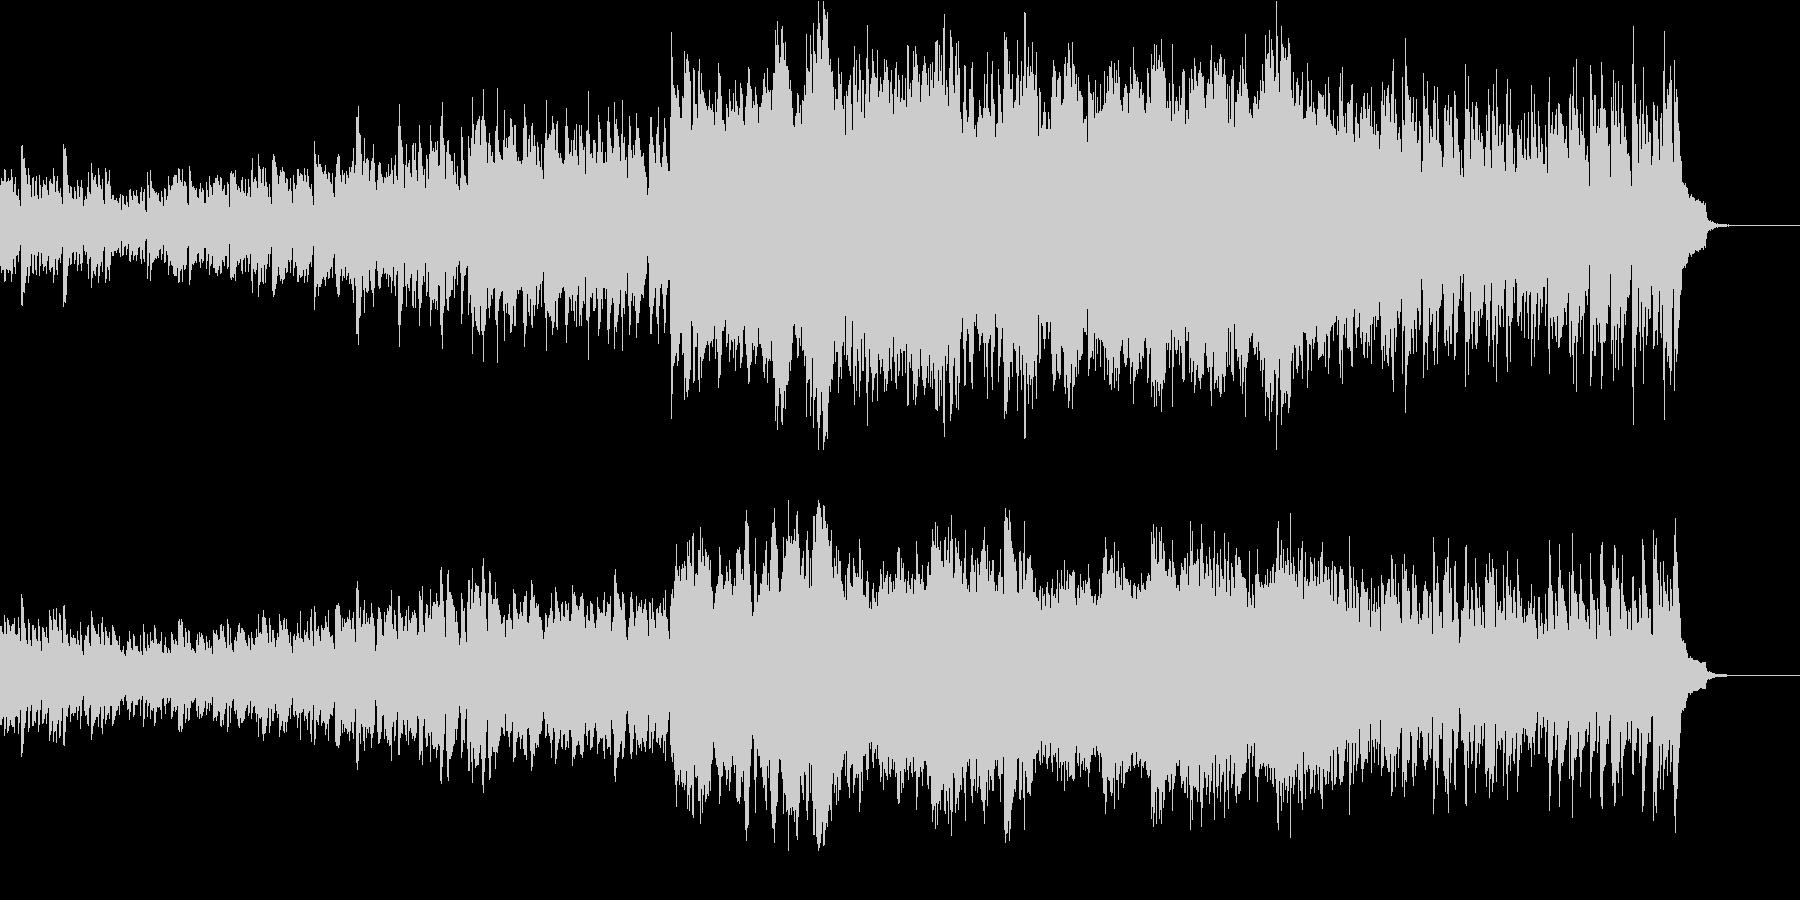 波のようなピアノと弦楽器の映像用BGMの未再生の波形